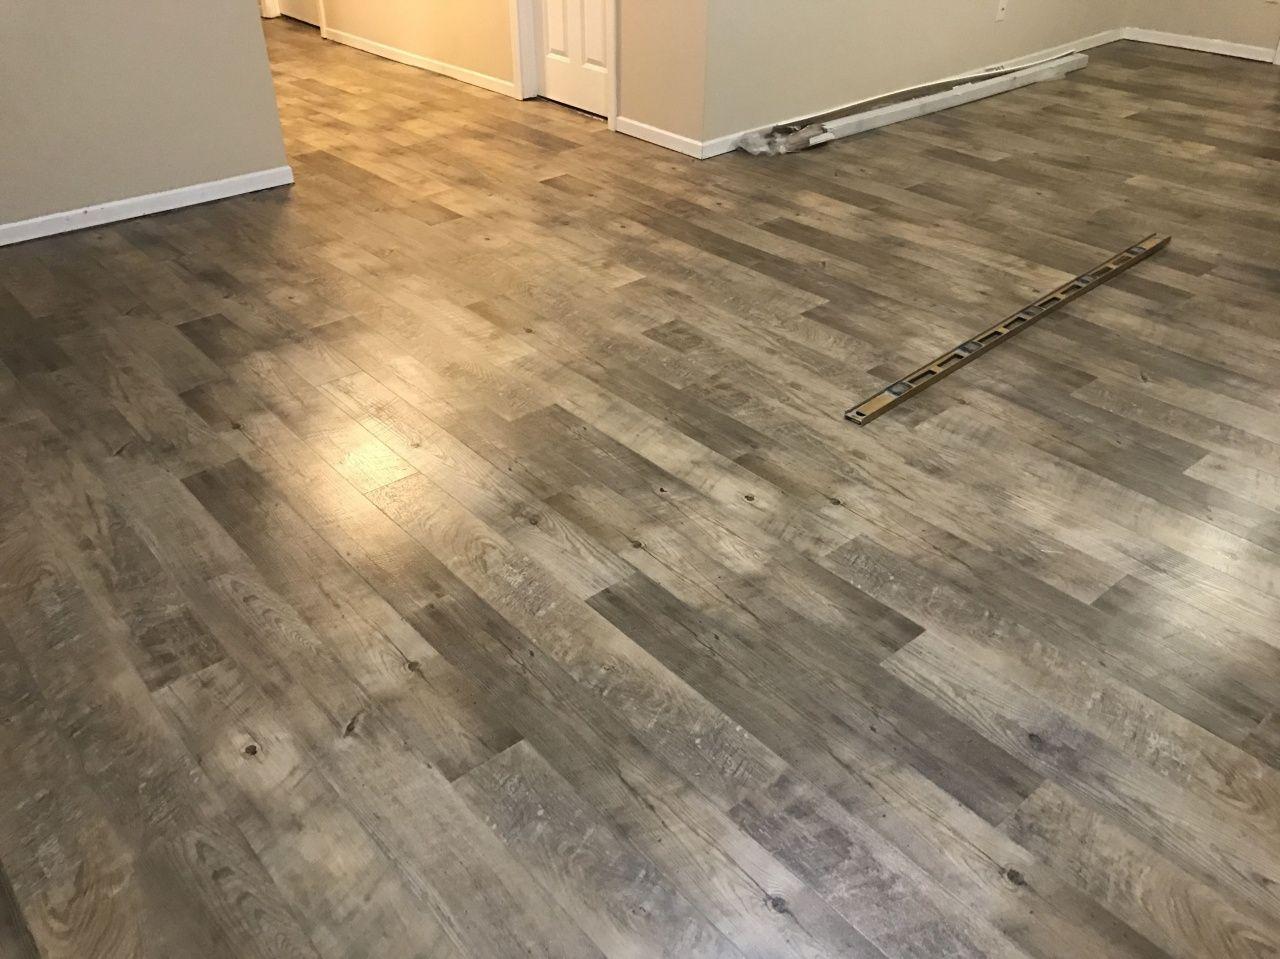 Lifeproof Luxury Vinyl Plank Flooring Reviews in 2020